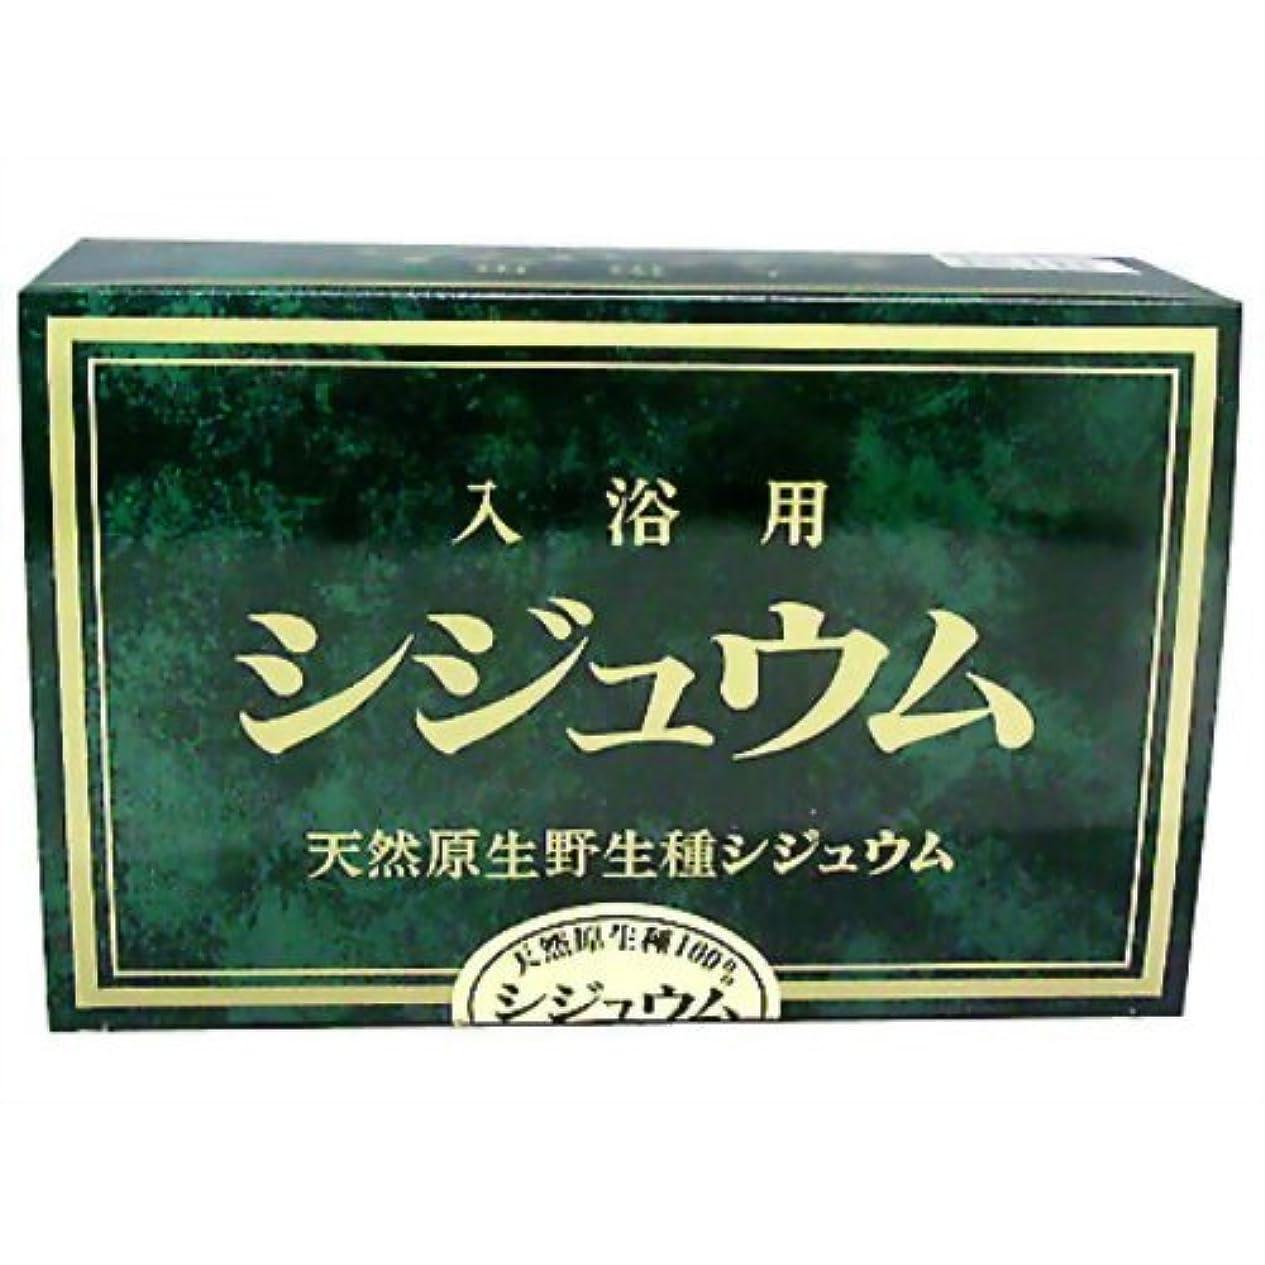 構想する変化ジョージエリオット入浴用シジュウム(入浴剤)